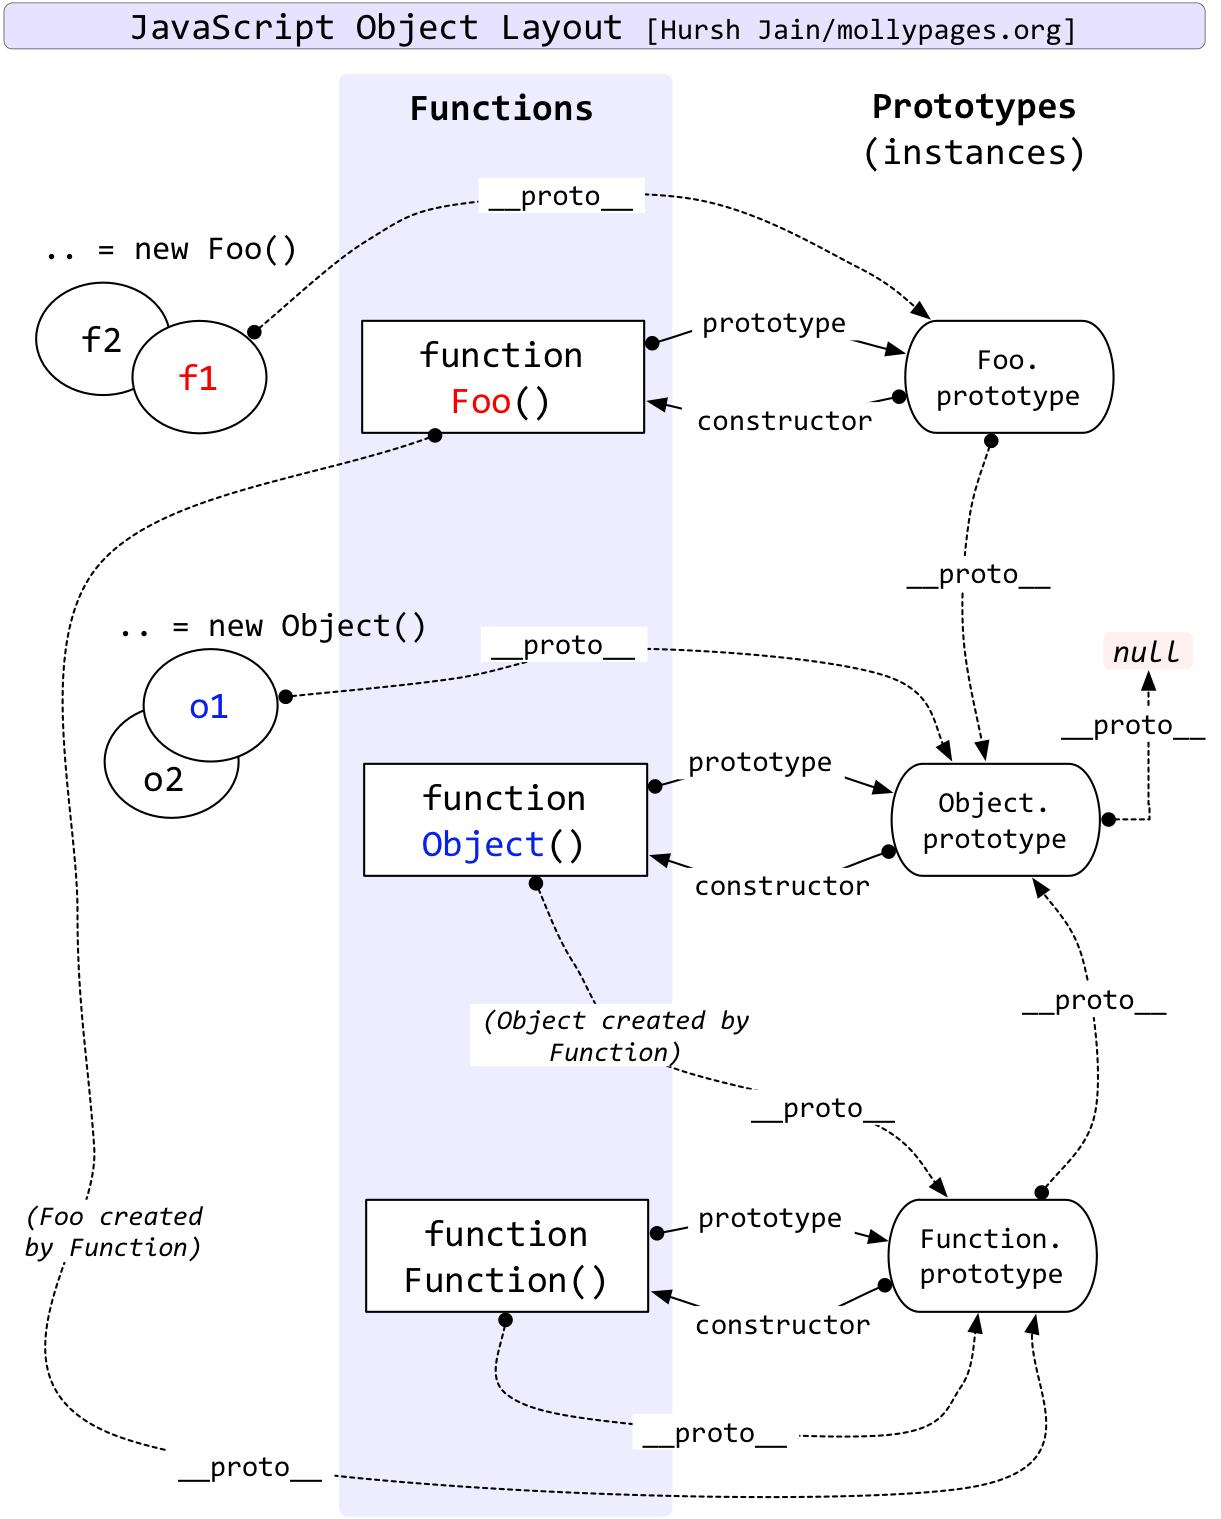 JS diagram